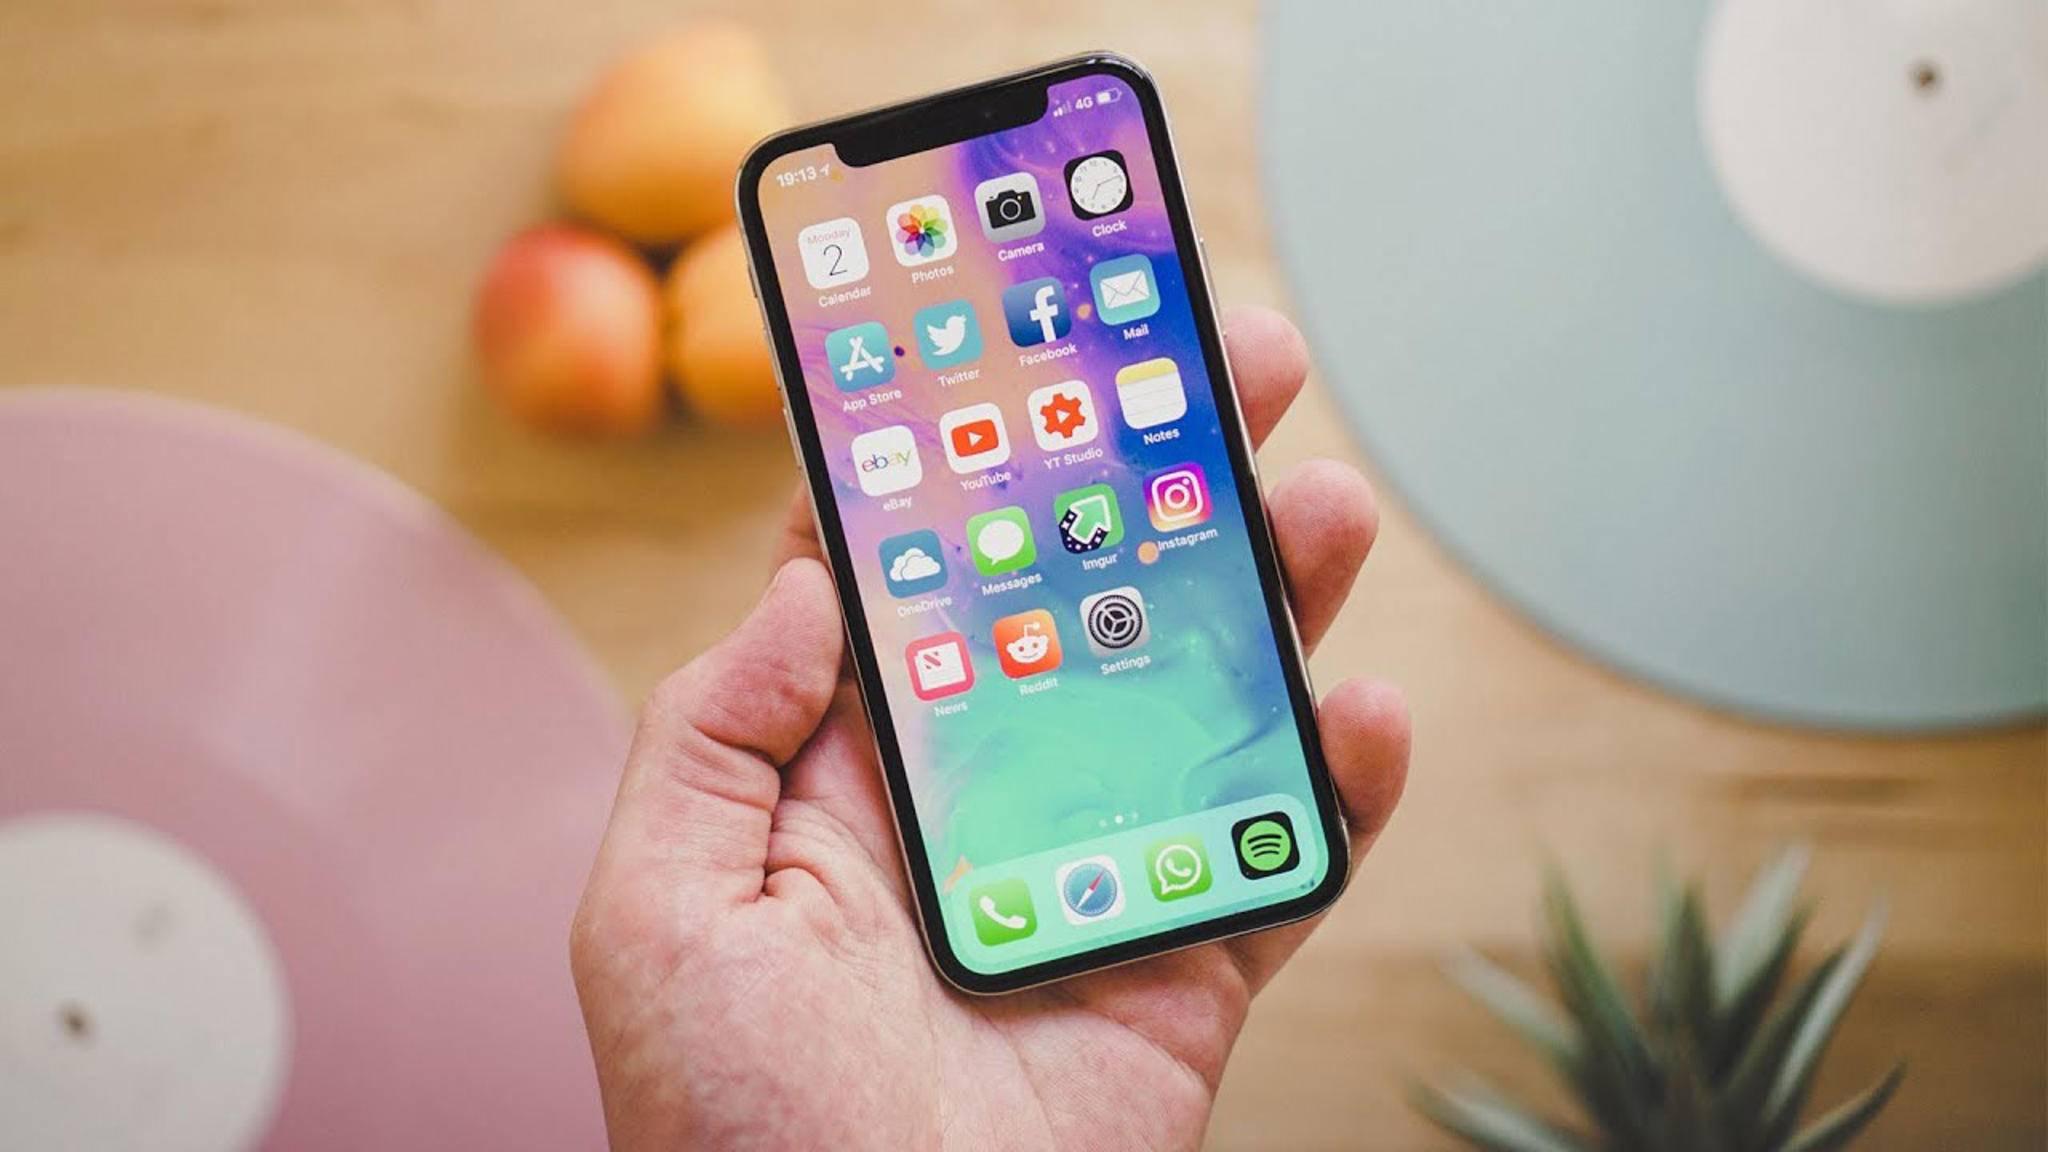 Das iPhone prägt die Smartphone-Welt – damals wie heute.